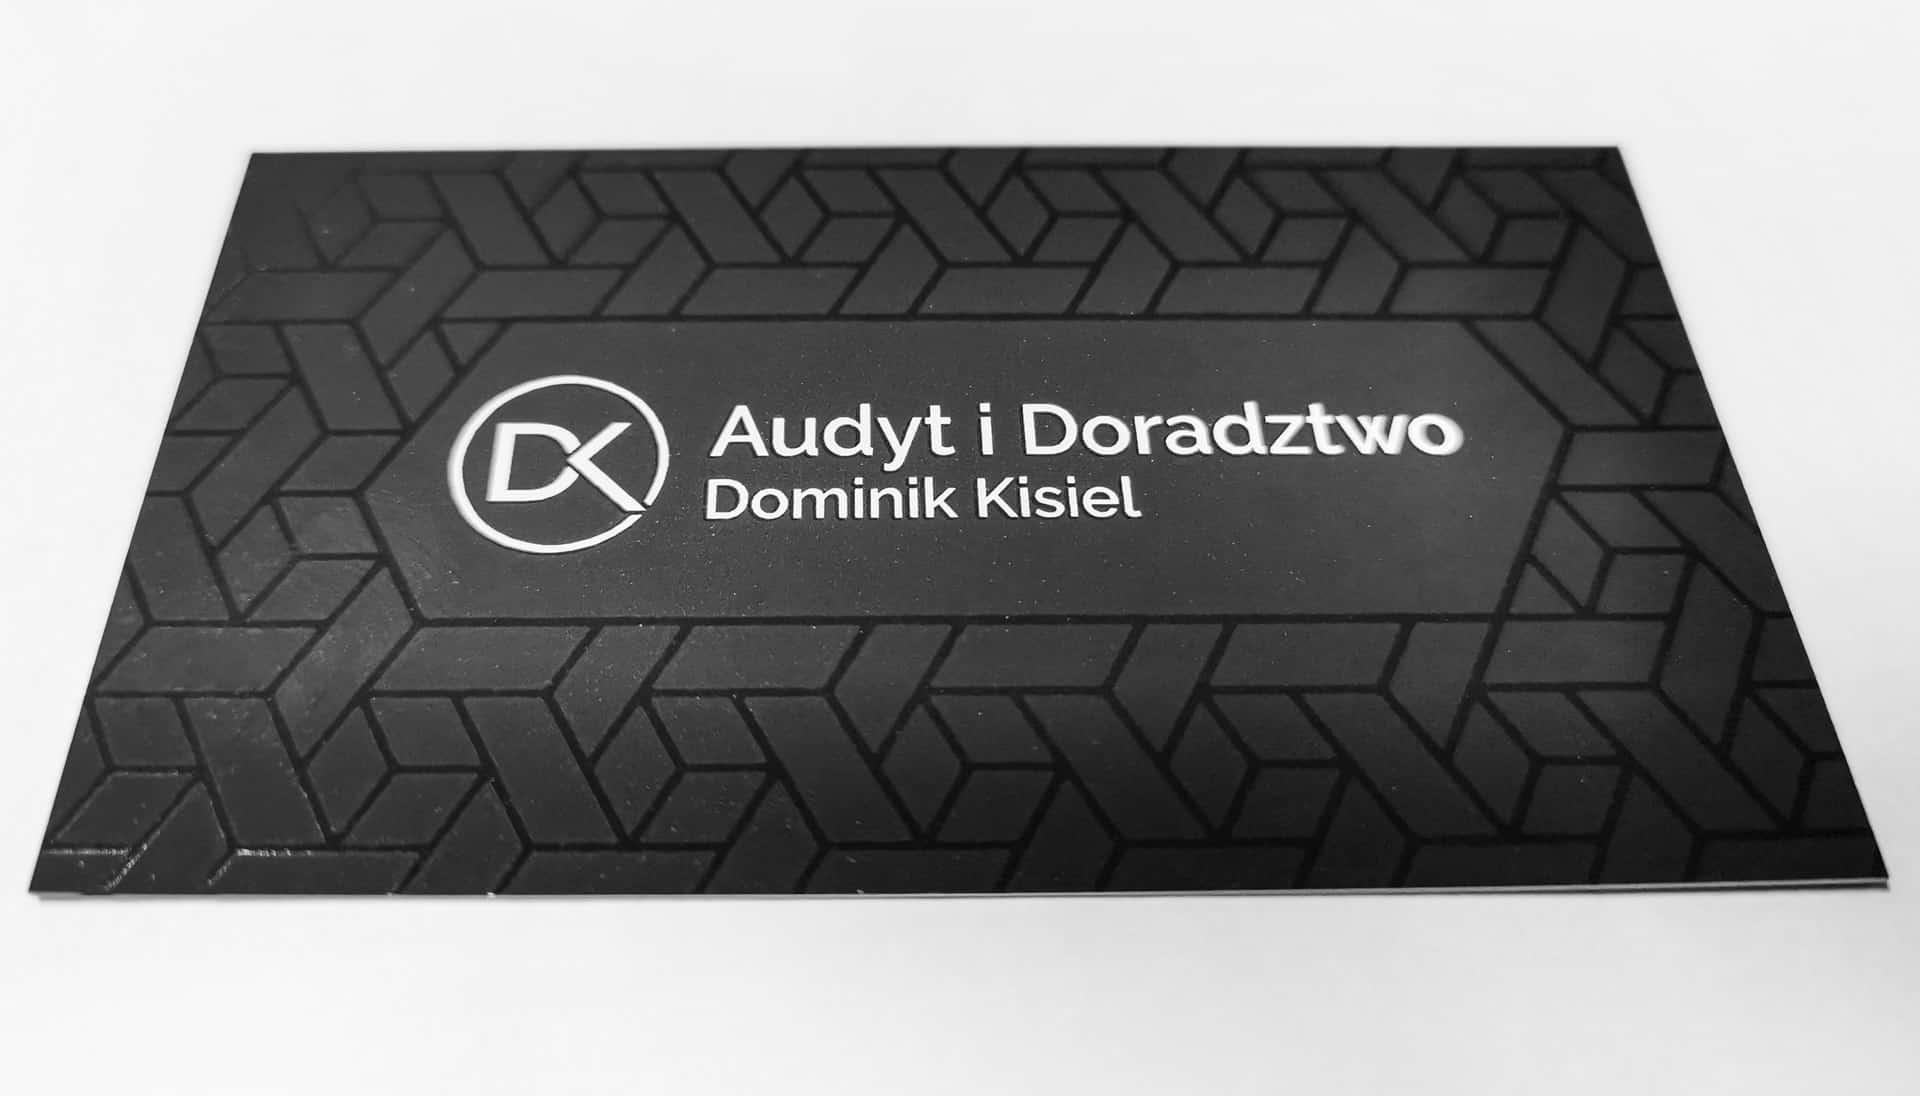 Wizytówki firmowe z logo Audyt i Doradztwo Dominik Kisiel